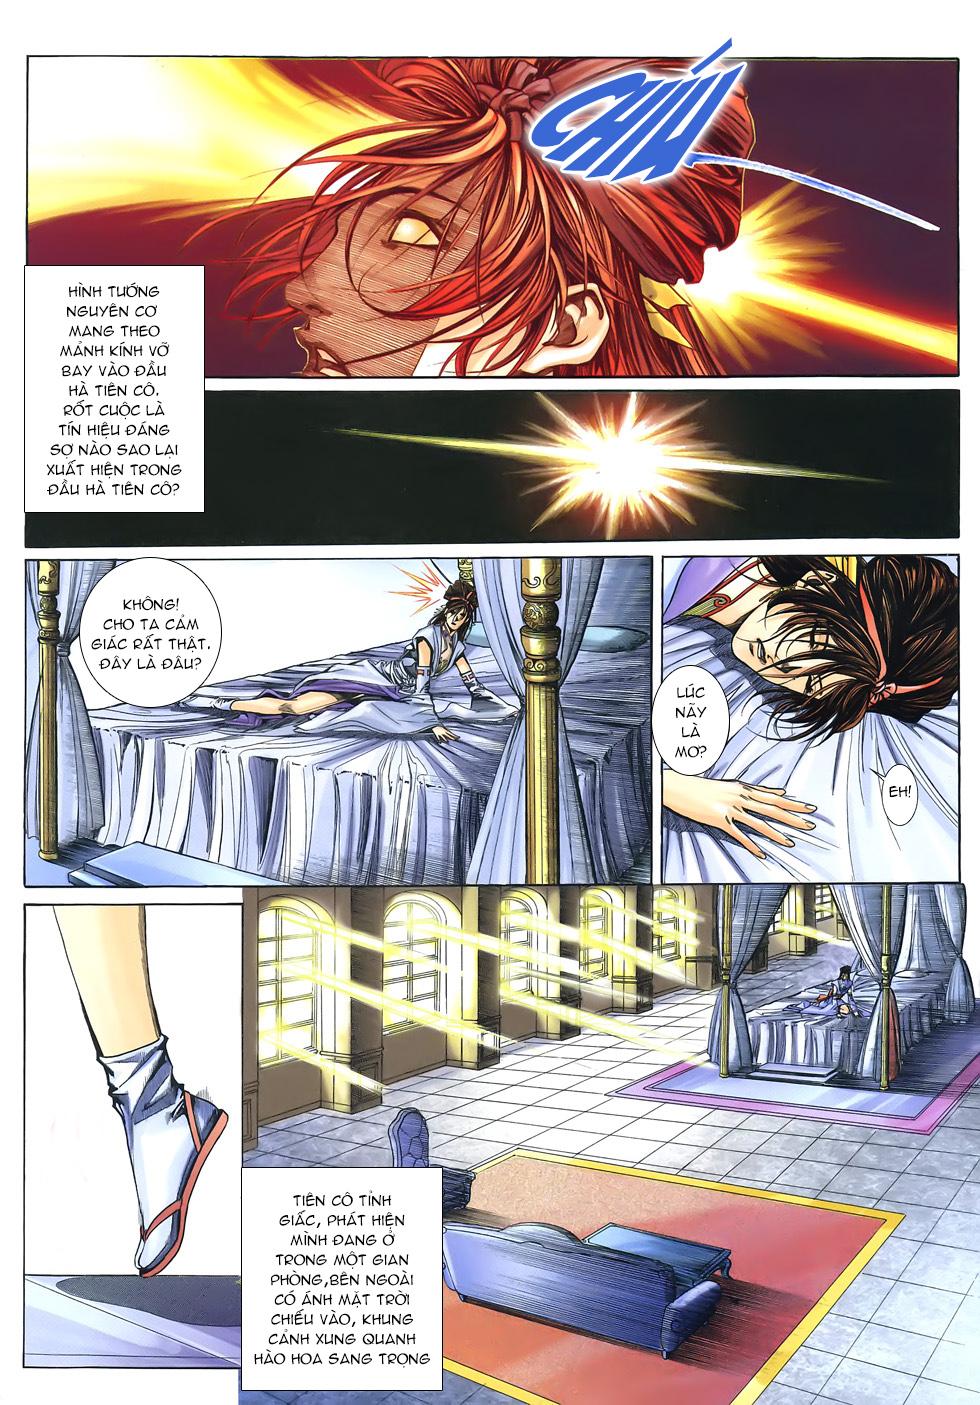 xem truyen moi - BÁT TIÊN ĐẠO - Chapter 78: Toái Càn Khôn Phá Lưu Tinh